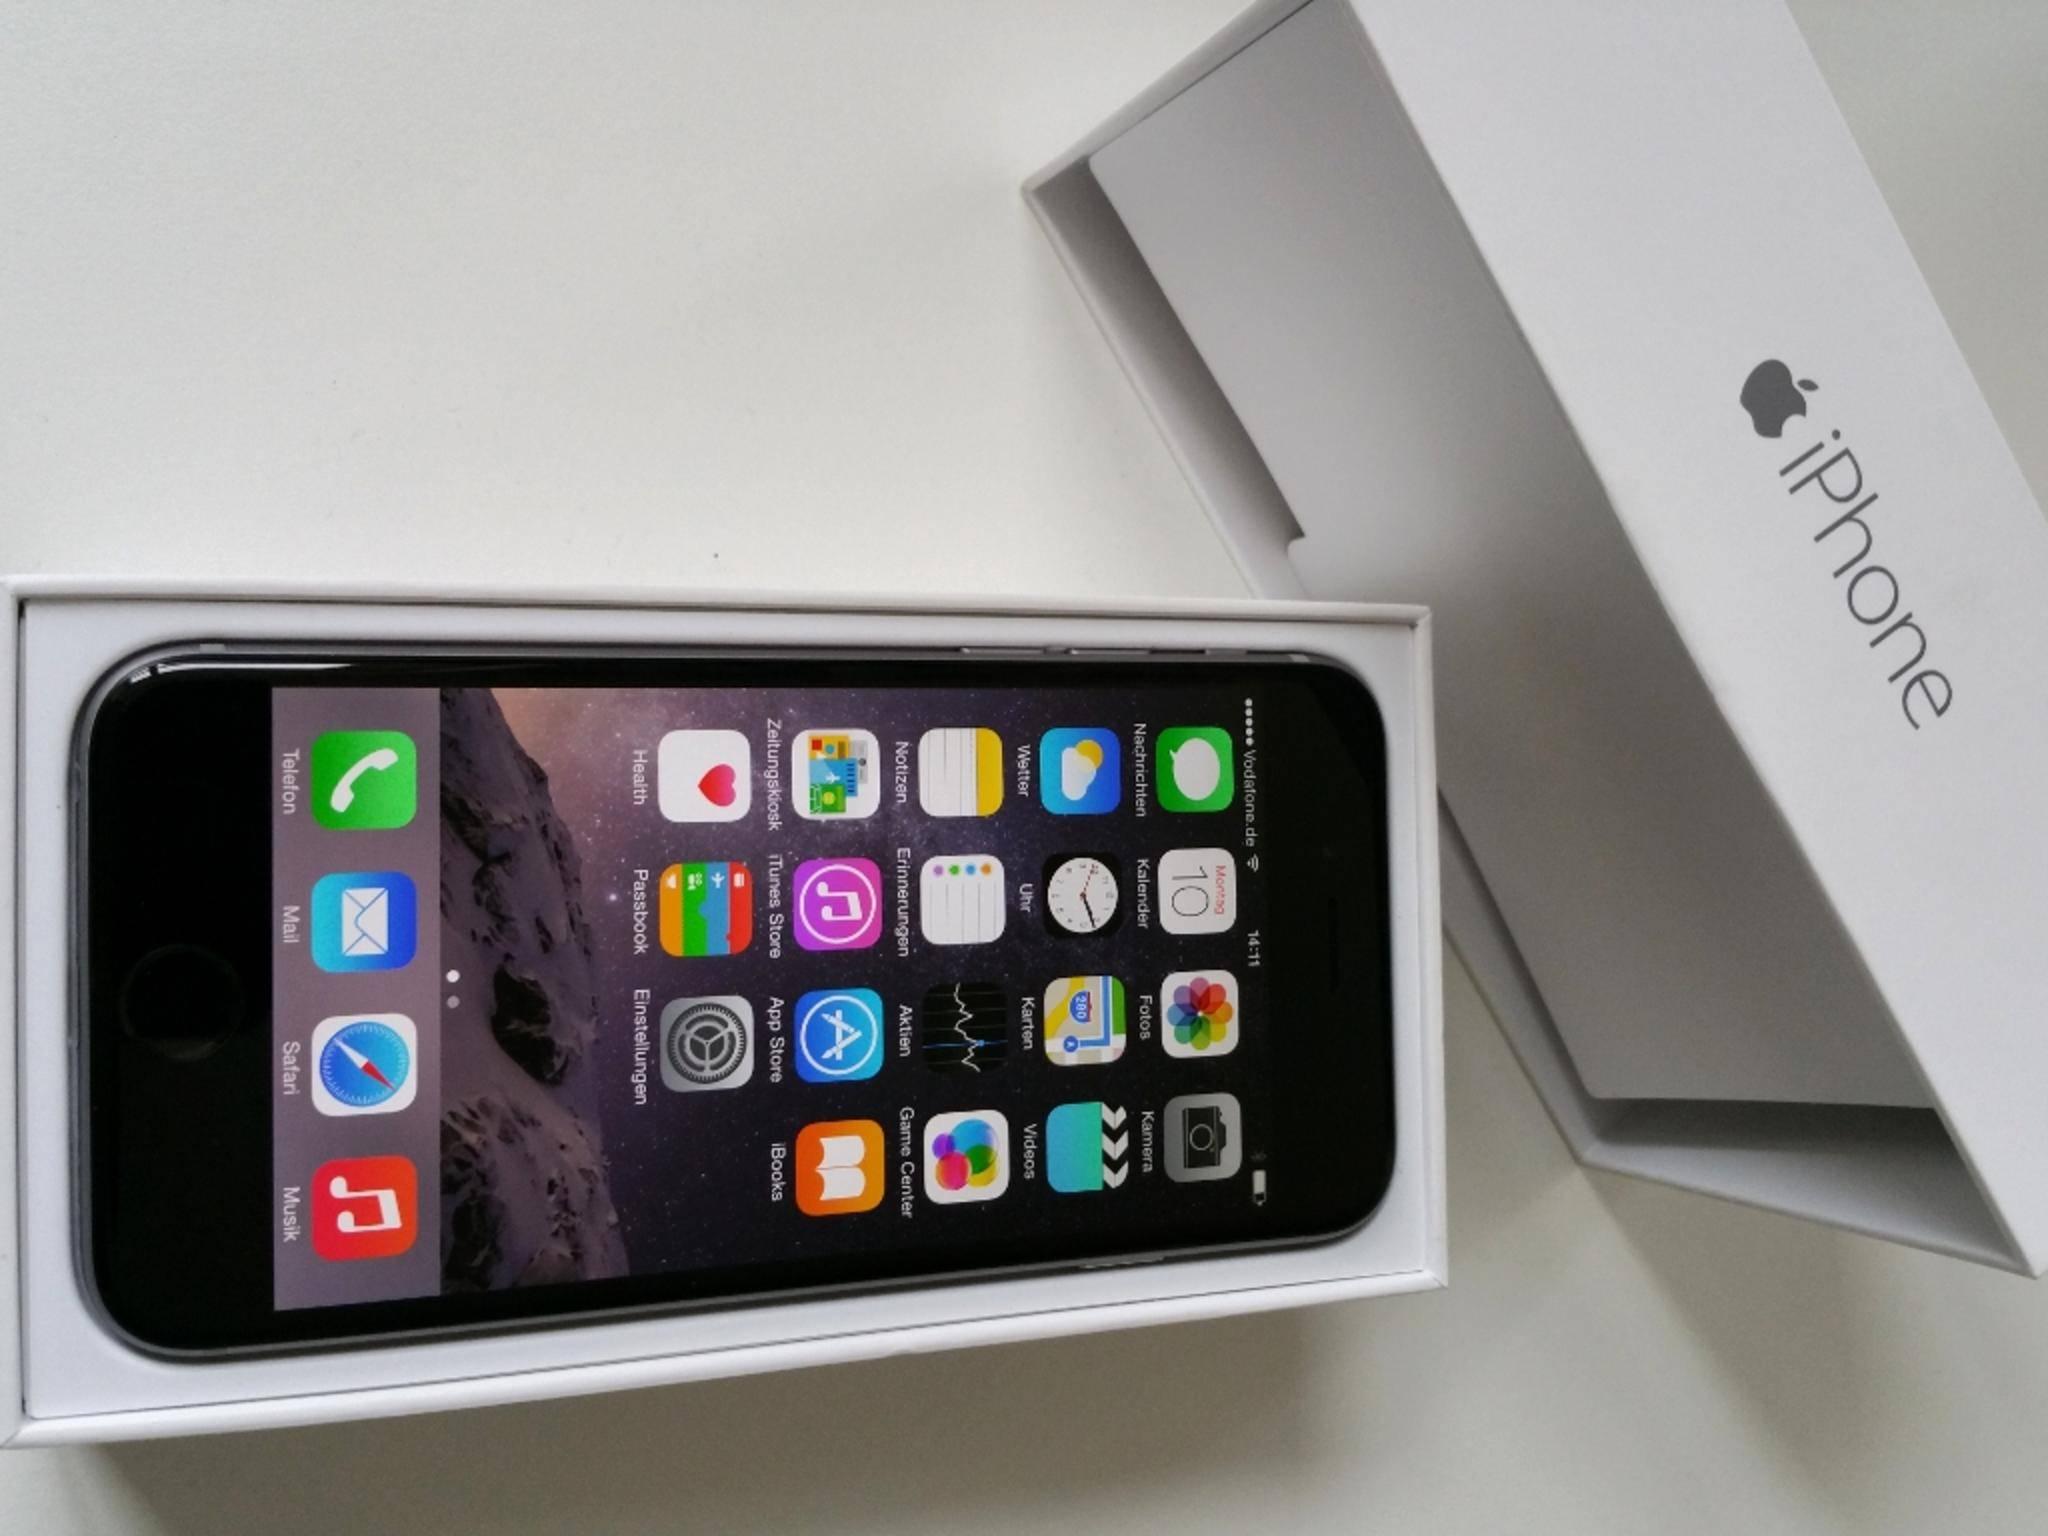 Die Einsteiger-Variante des iPhone 6 hat erneut nur 16 GB Speicher.